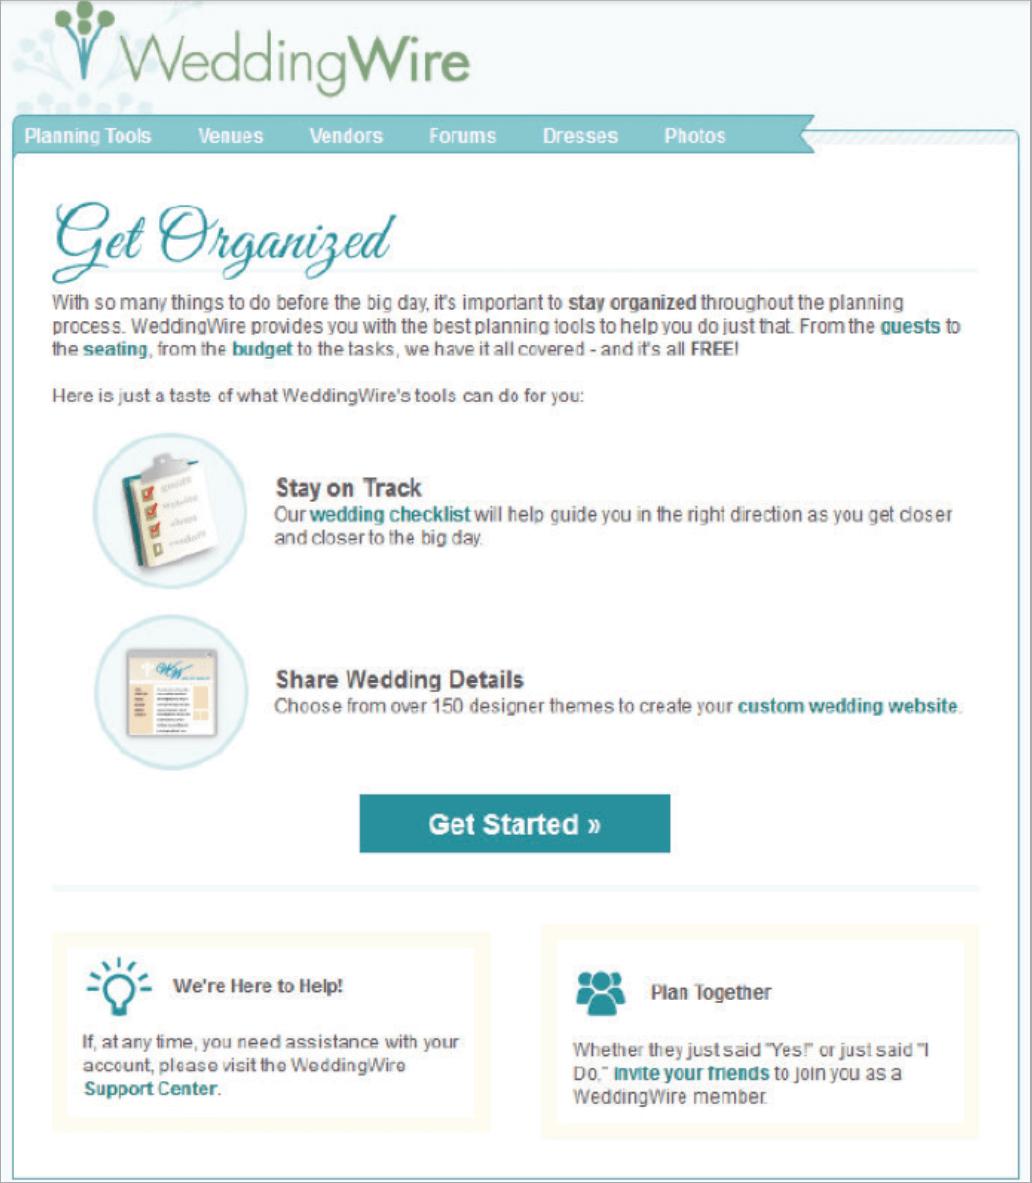 """Rys. 23 Email numer 2 wysłany po dwóch dniach. Otrzymasz go, jeśli w pierwszej wiadomości klikniesz """"Zacznij organizację""""."""